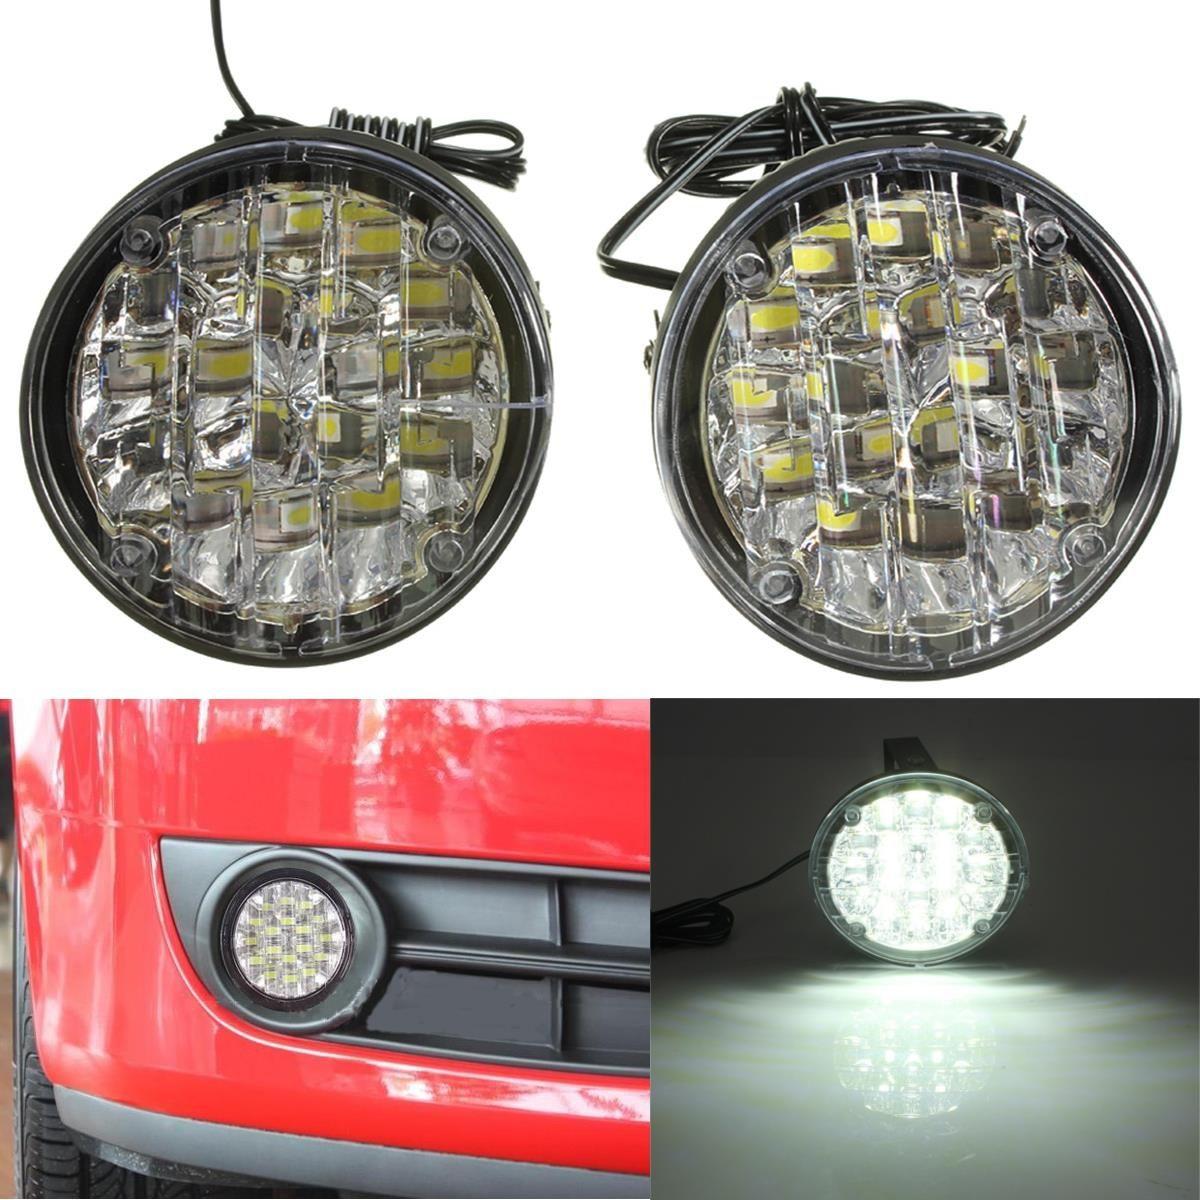 New 2Pcs 12V 18 LED Round Car Driving Daytime Running Light DRL Fog Lamp Bright White Car LED Offroad Work Light